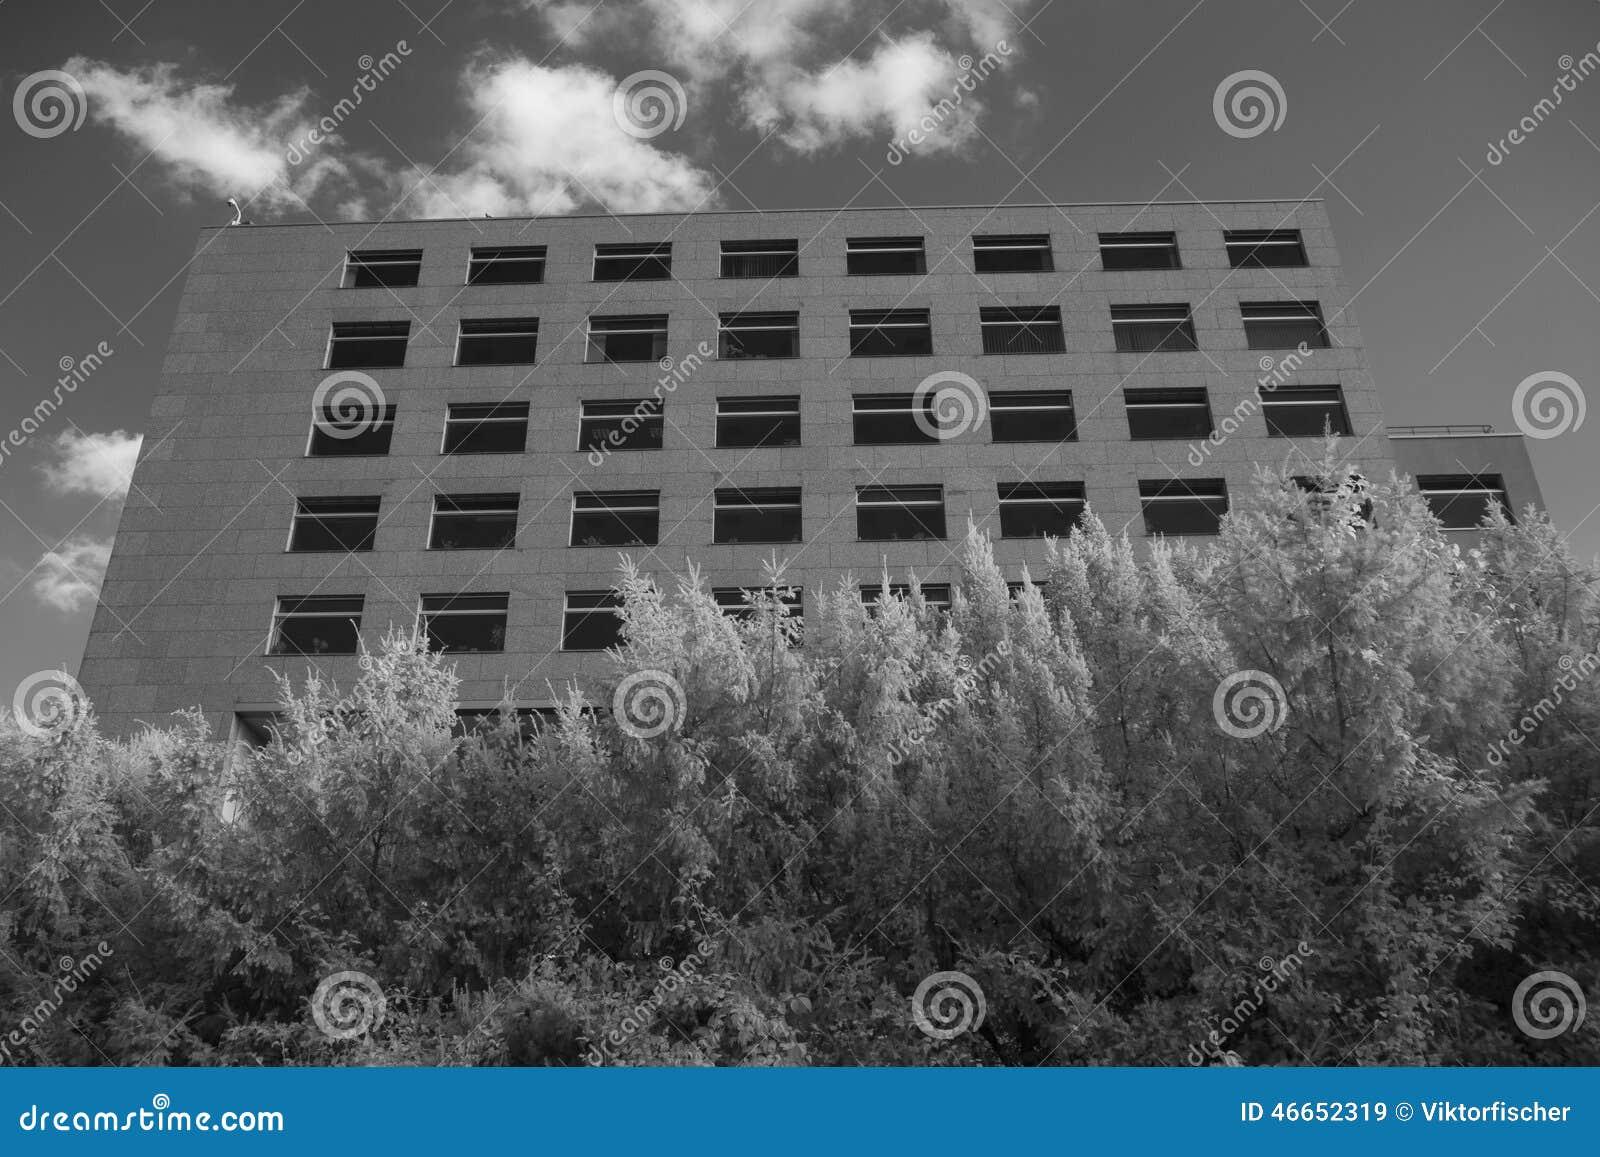 Tiro infrarrojo blanco y negro del edificio de oficinas